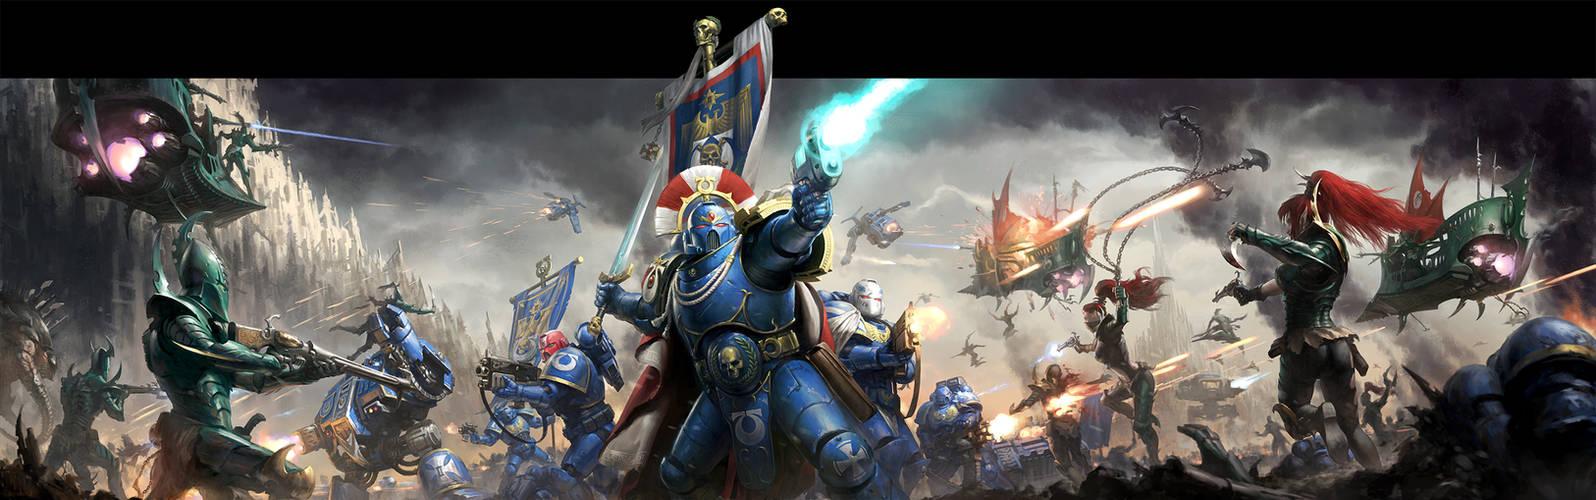 Warhammer 40K: Conquest Box Art